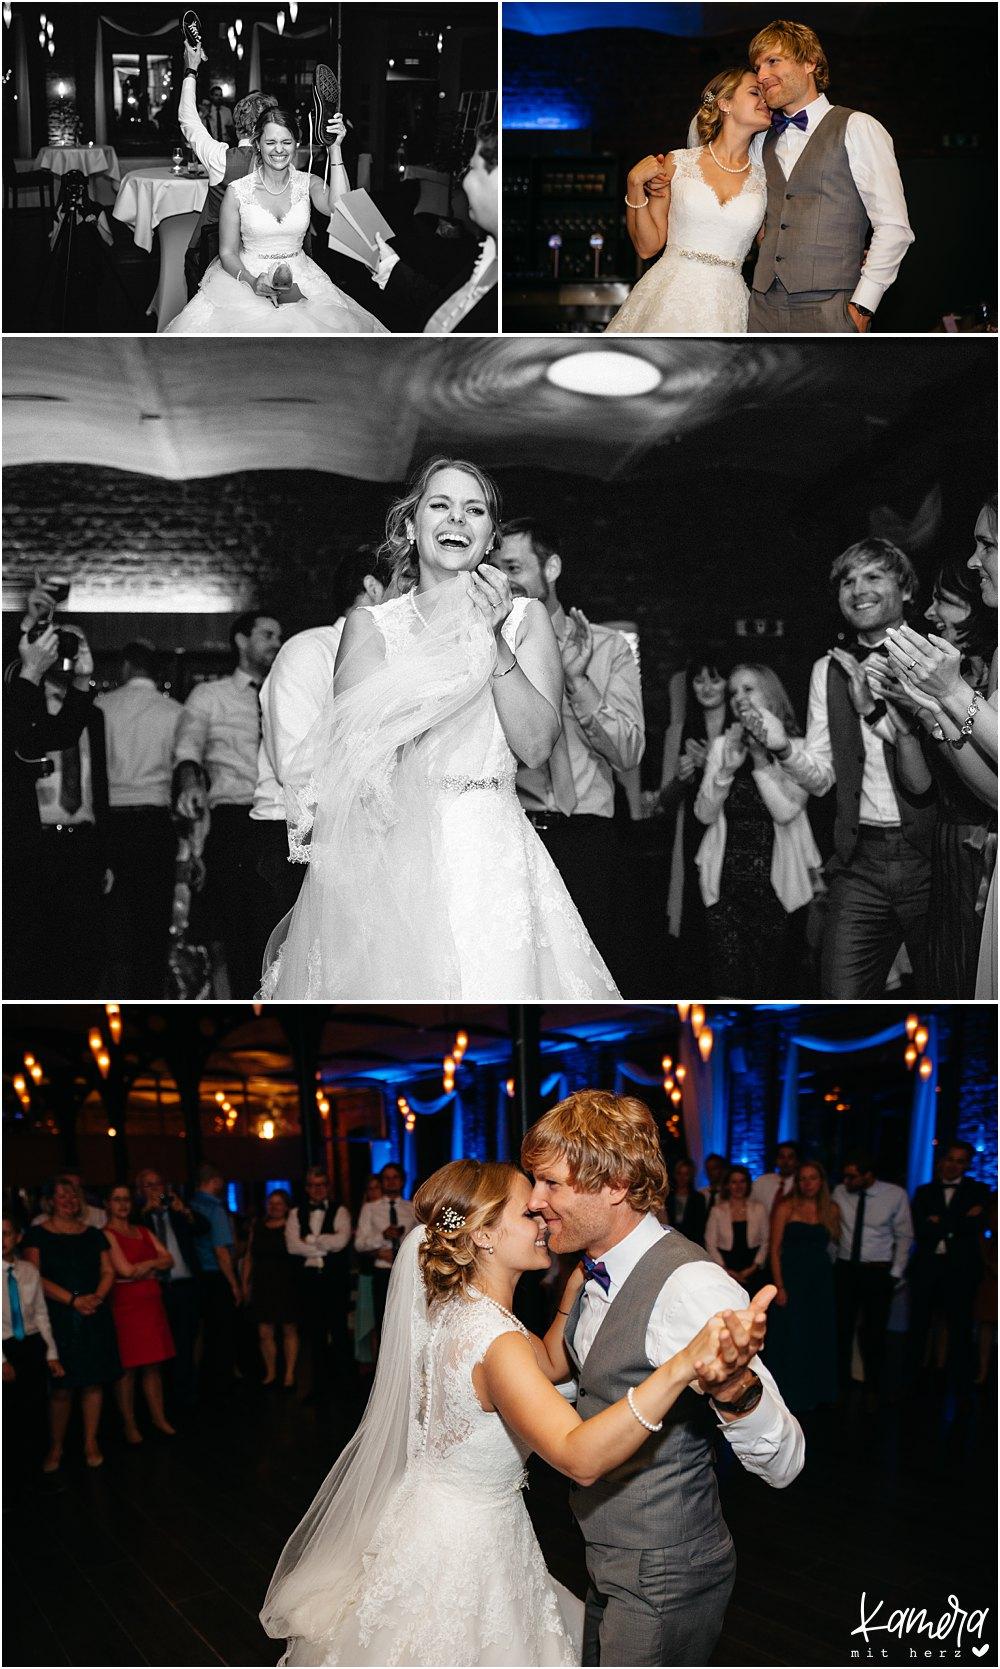 Feier der Hochzeit im Atelier Eupen in Belgien